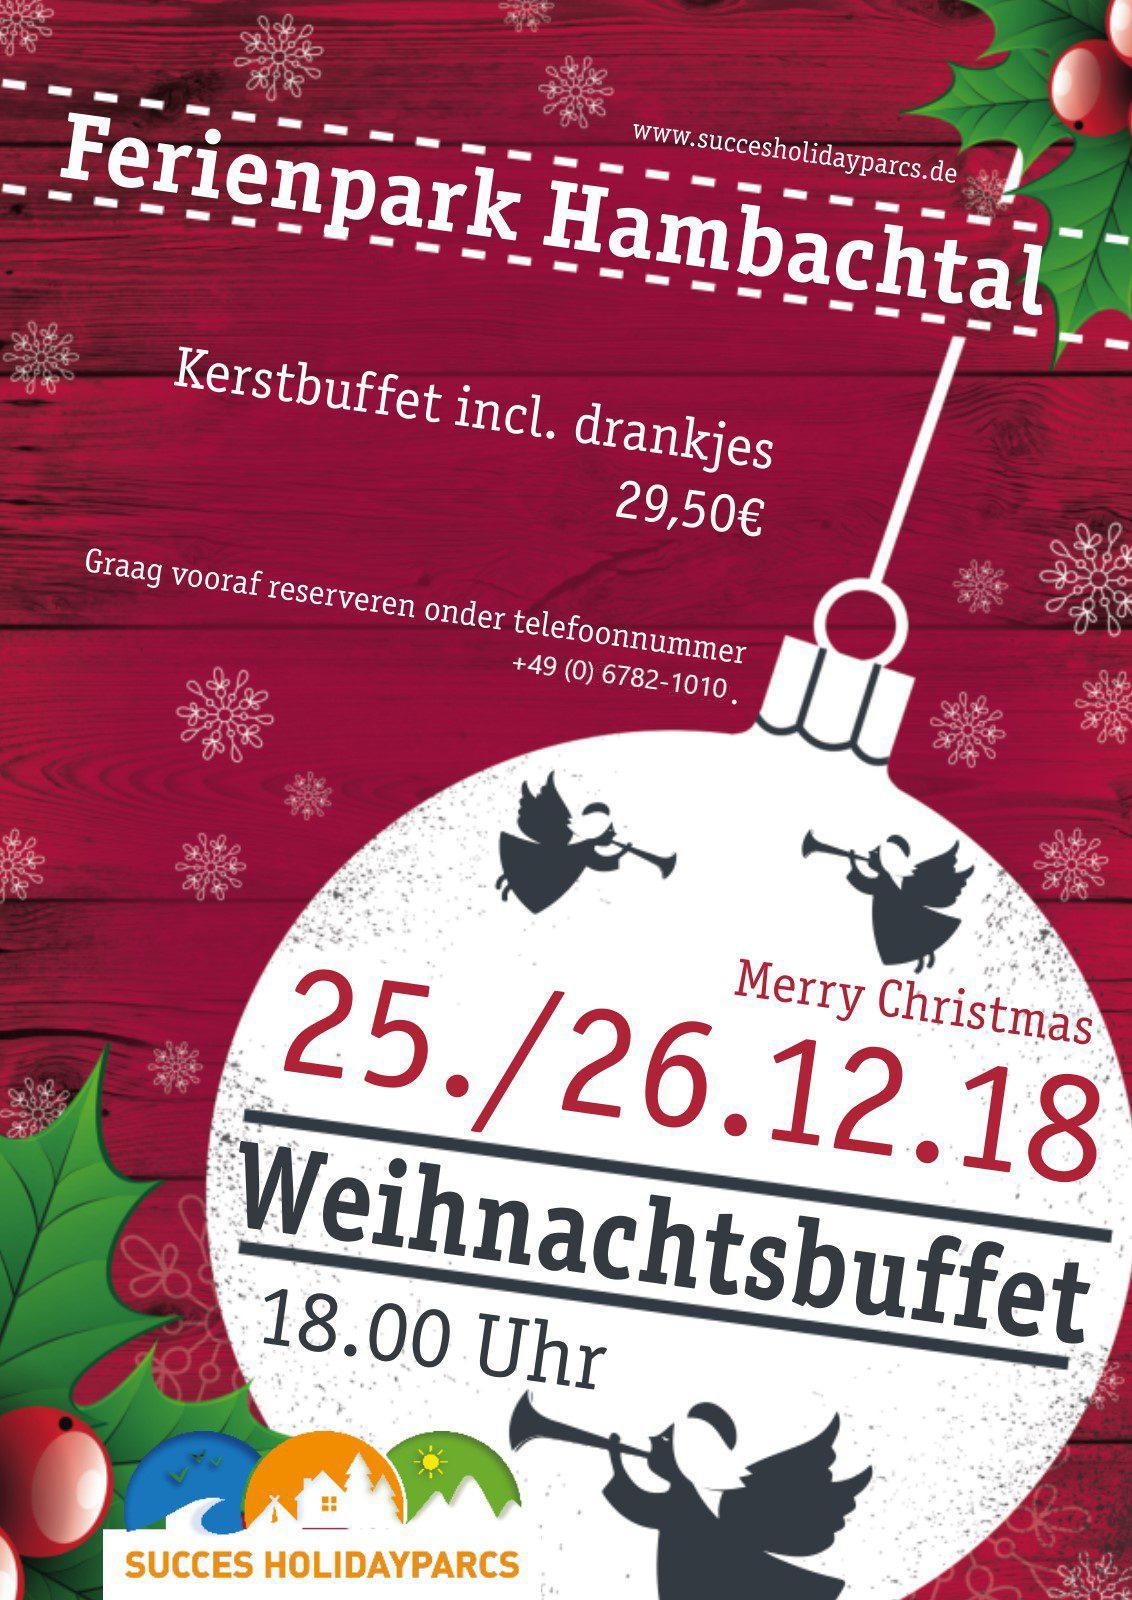 Kerstbuffet Hambachtal